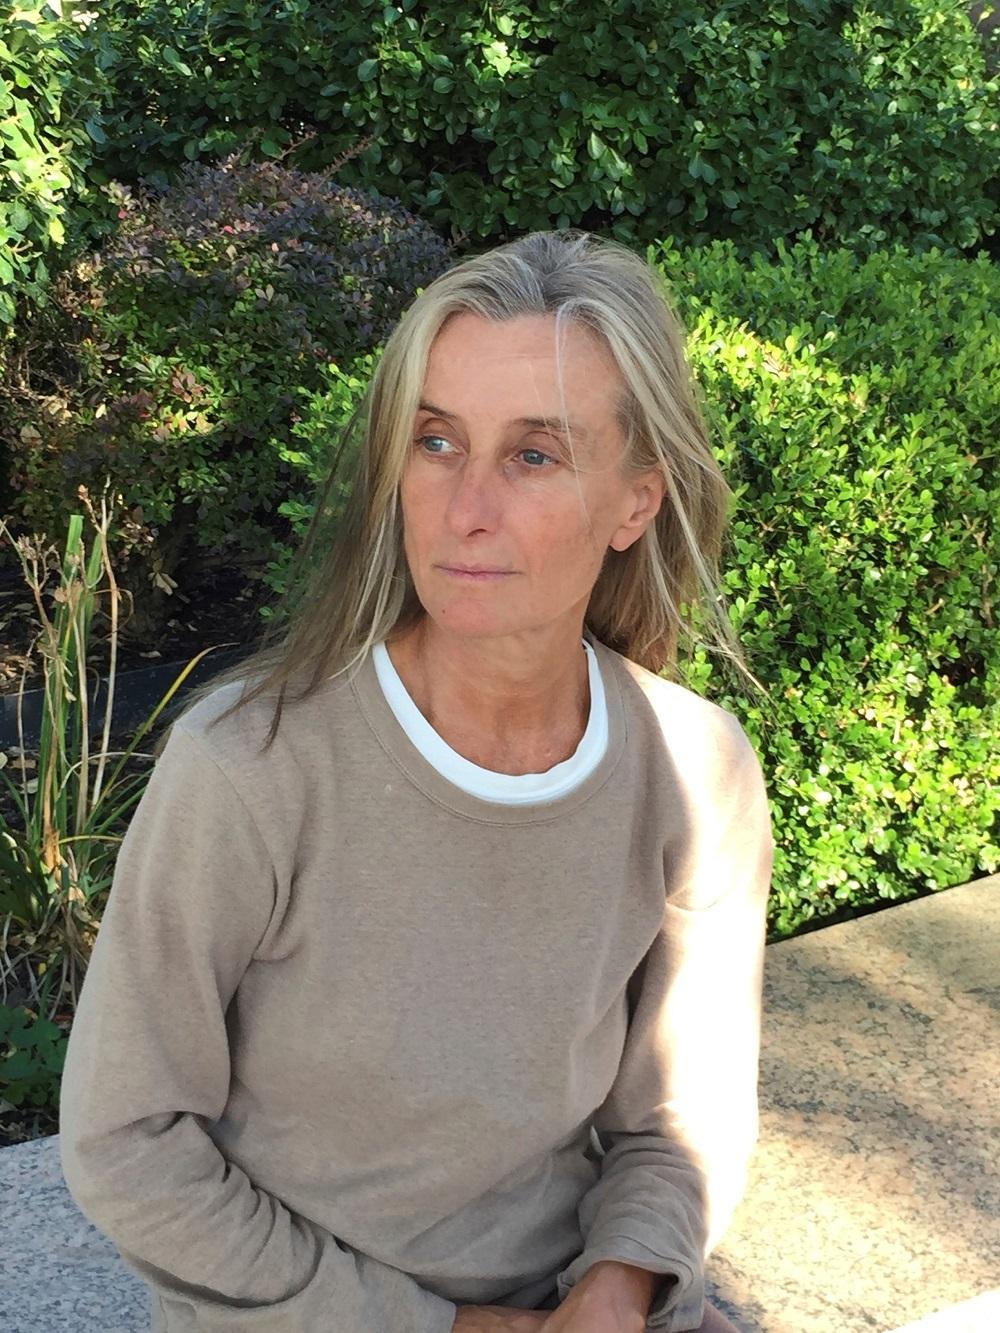 Sag Harbor Cinema's Artistic Director Giulia D'Agnolo Vallan.